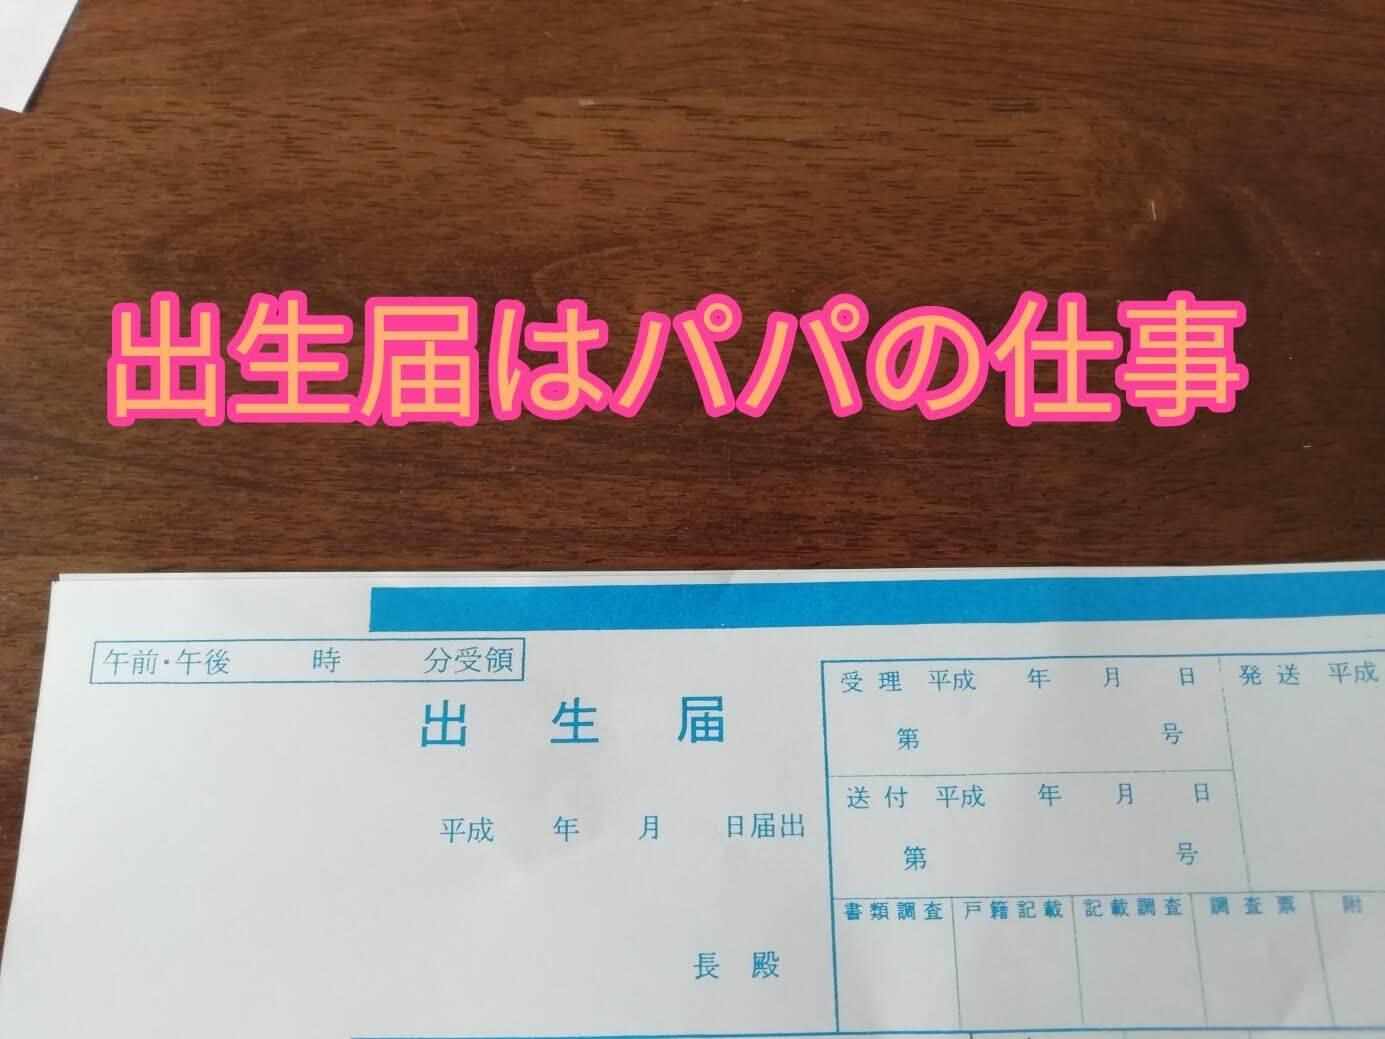 済 届出 証明 母子 出生 手帳 出生証明書の再発行ってできるの?